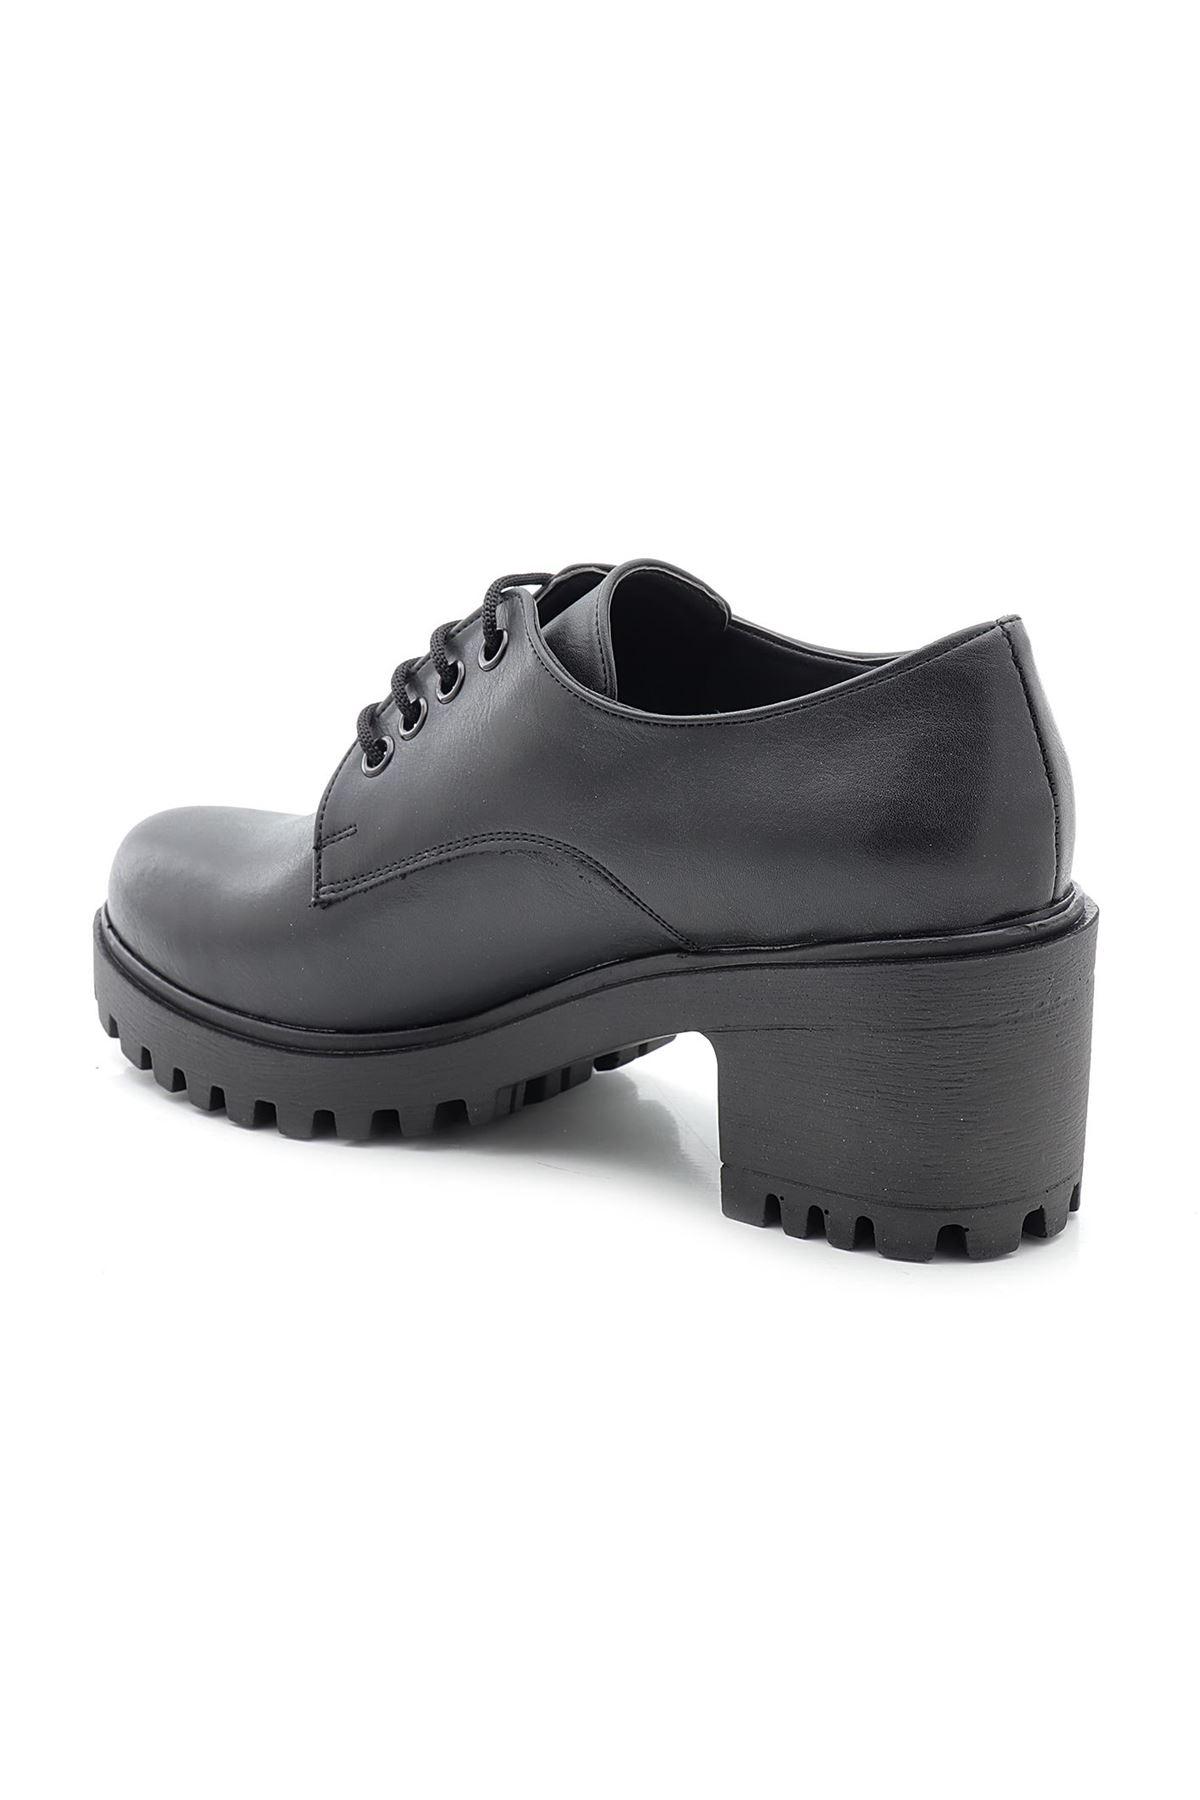 Lady 900-A Alçak Topuk Günlük Sade Model Kadın Ayakkabı